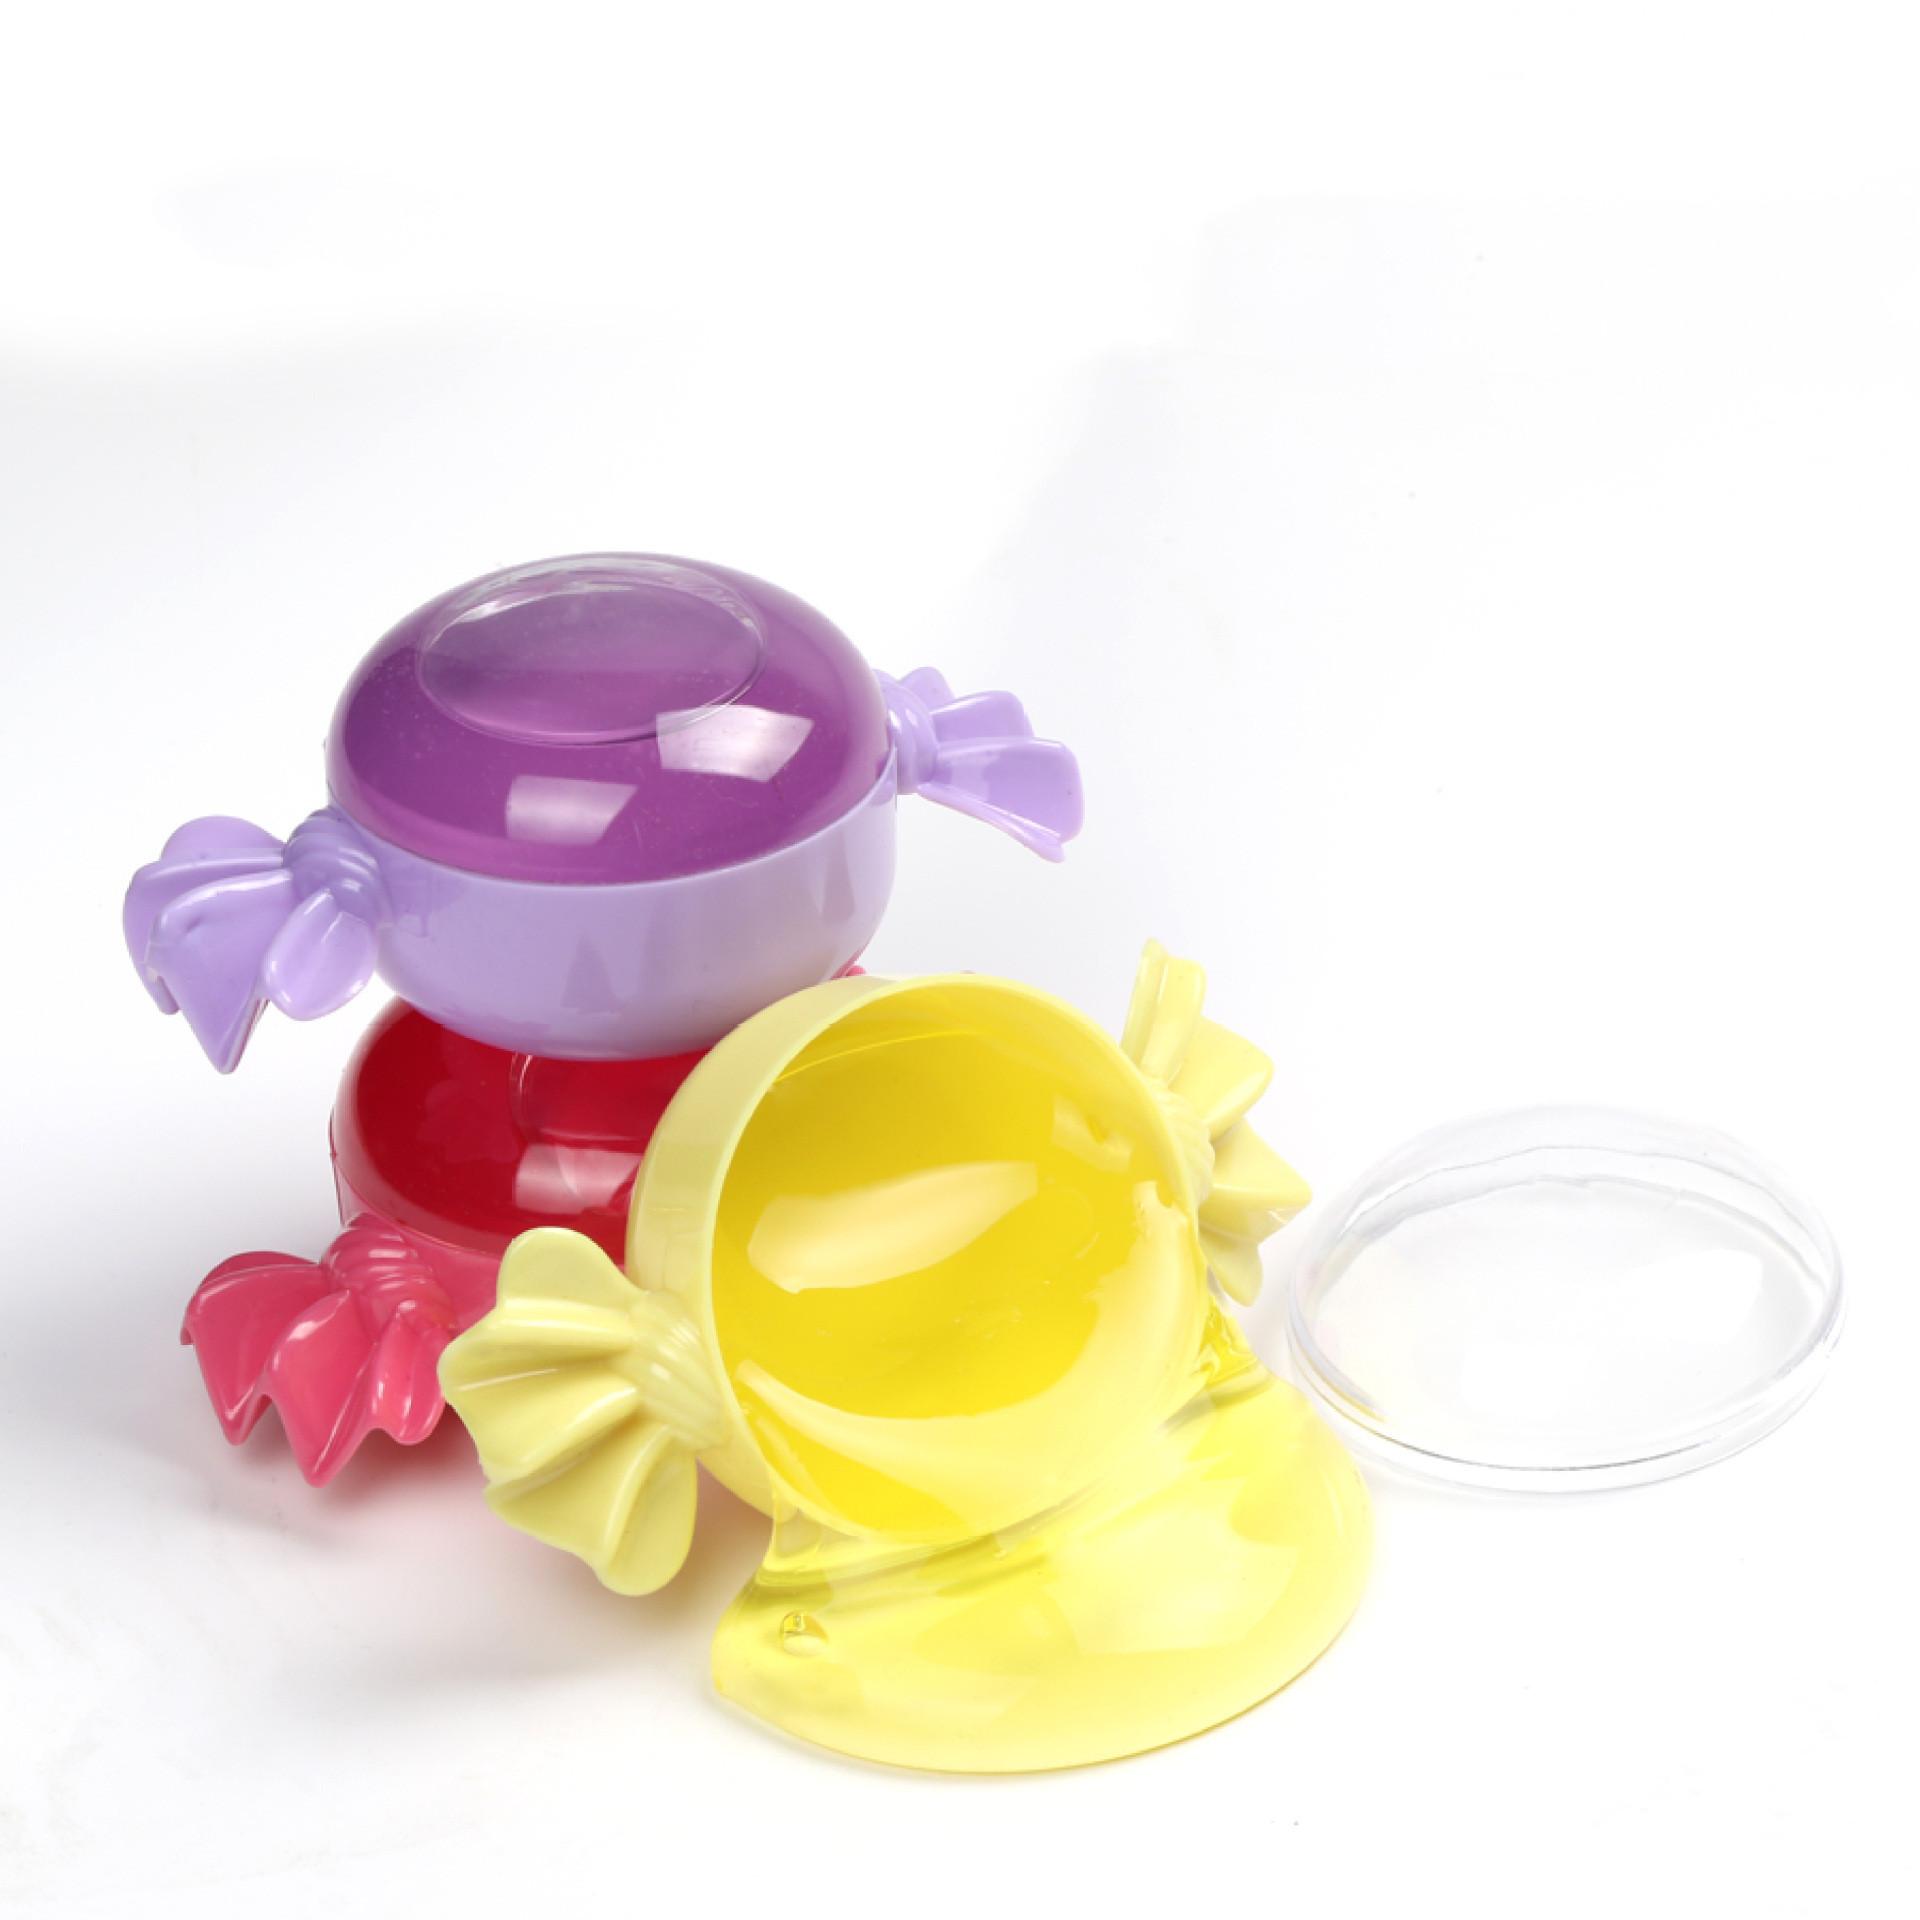 Популярные детские игрушки, красочные конфеты могут выдувать пузырьки, прозрачная кристаллическая цветная грязь, не липкая рука